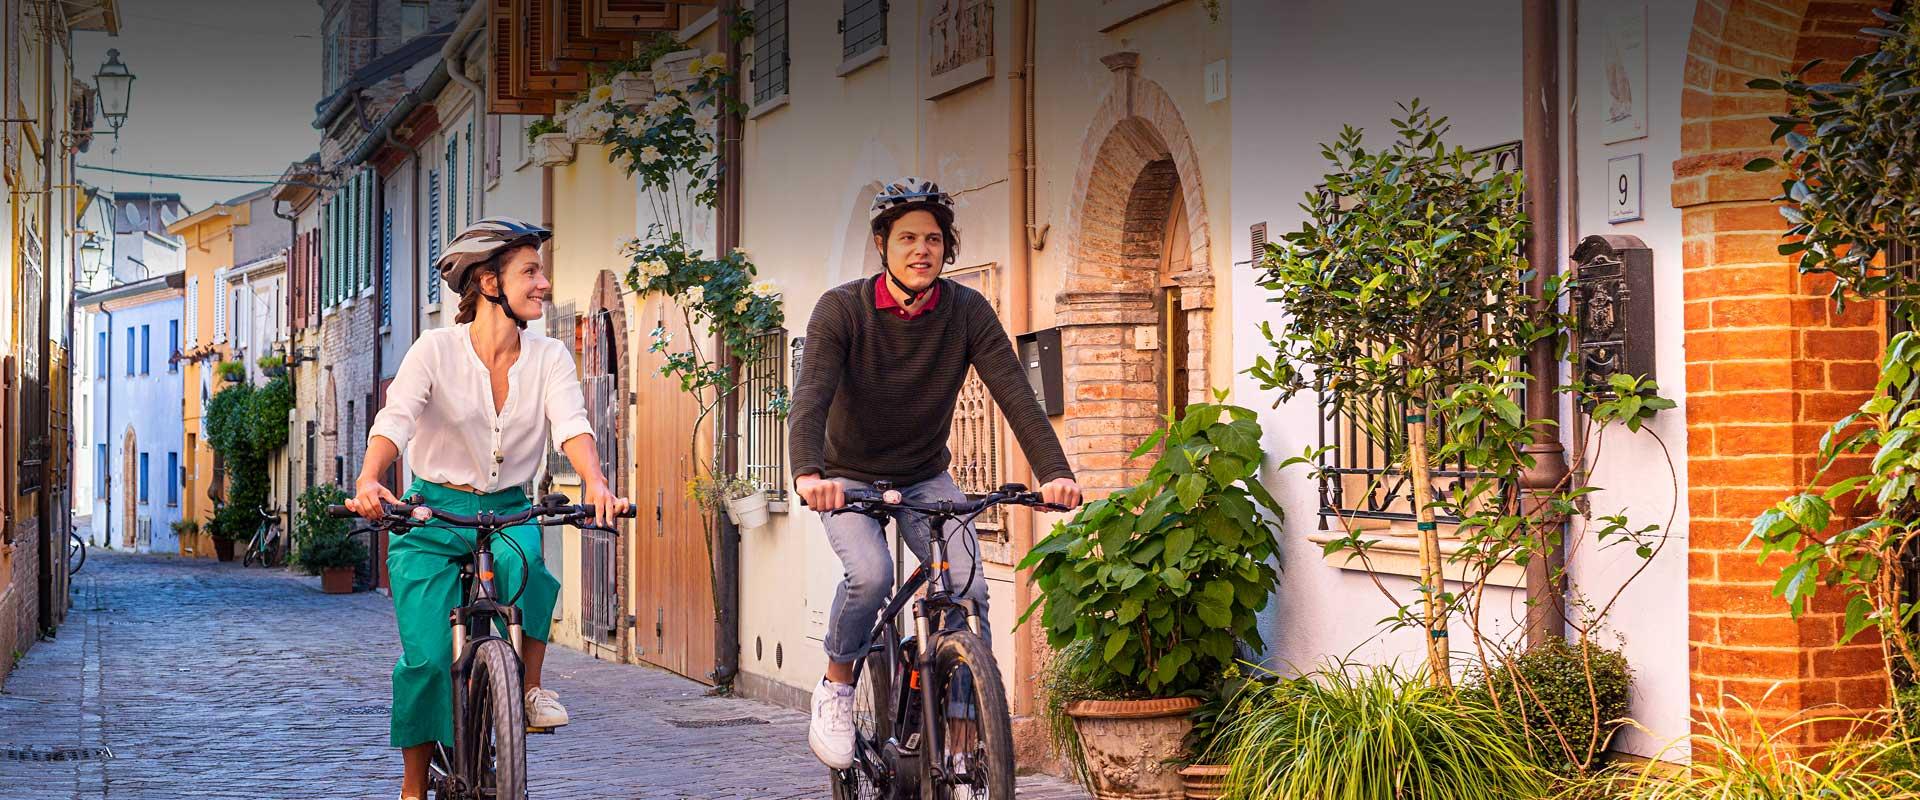 Rimini: Fellini e-Bike Tour